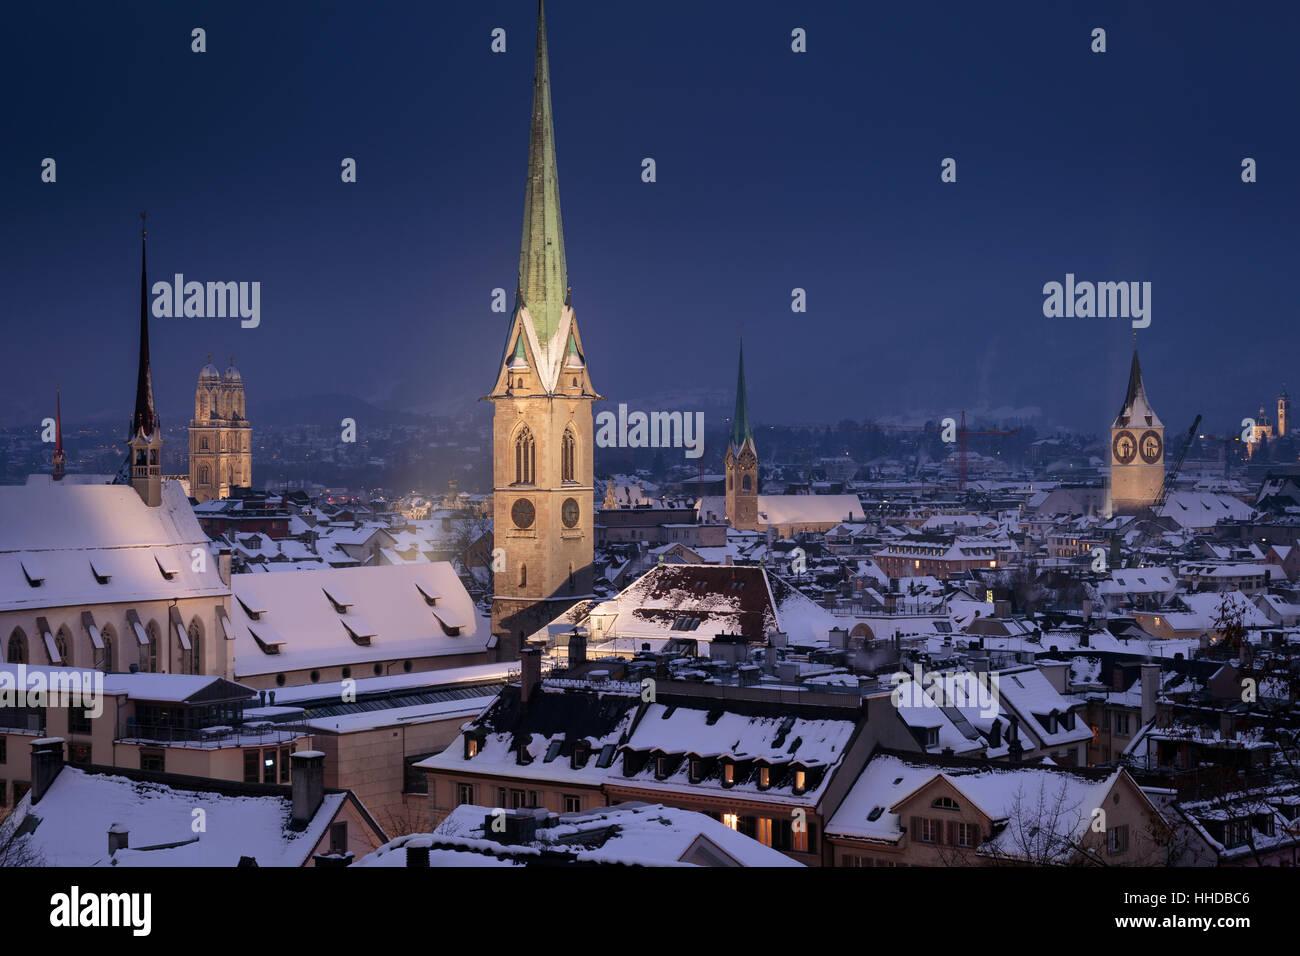 Skyline of Zurich at night, Switzerland. - Stock Image